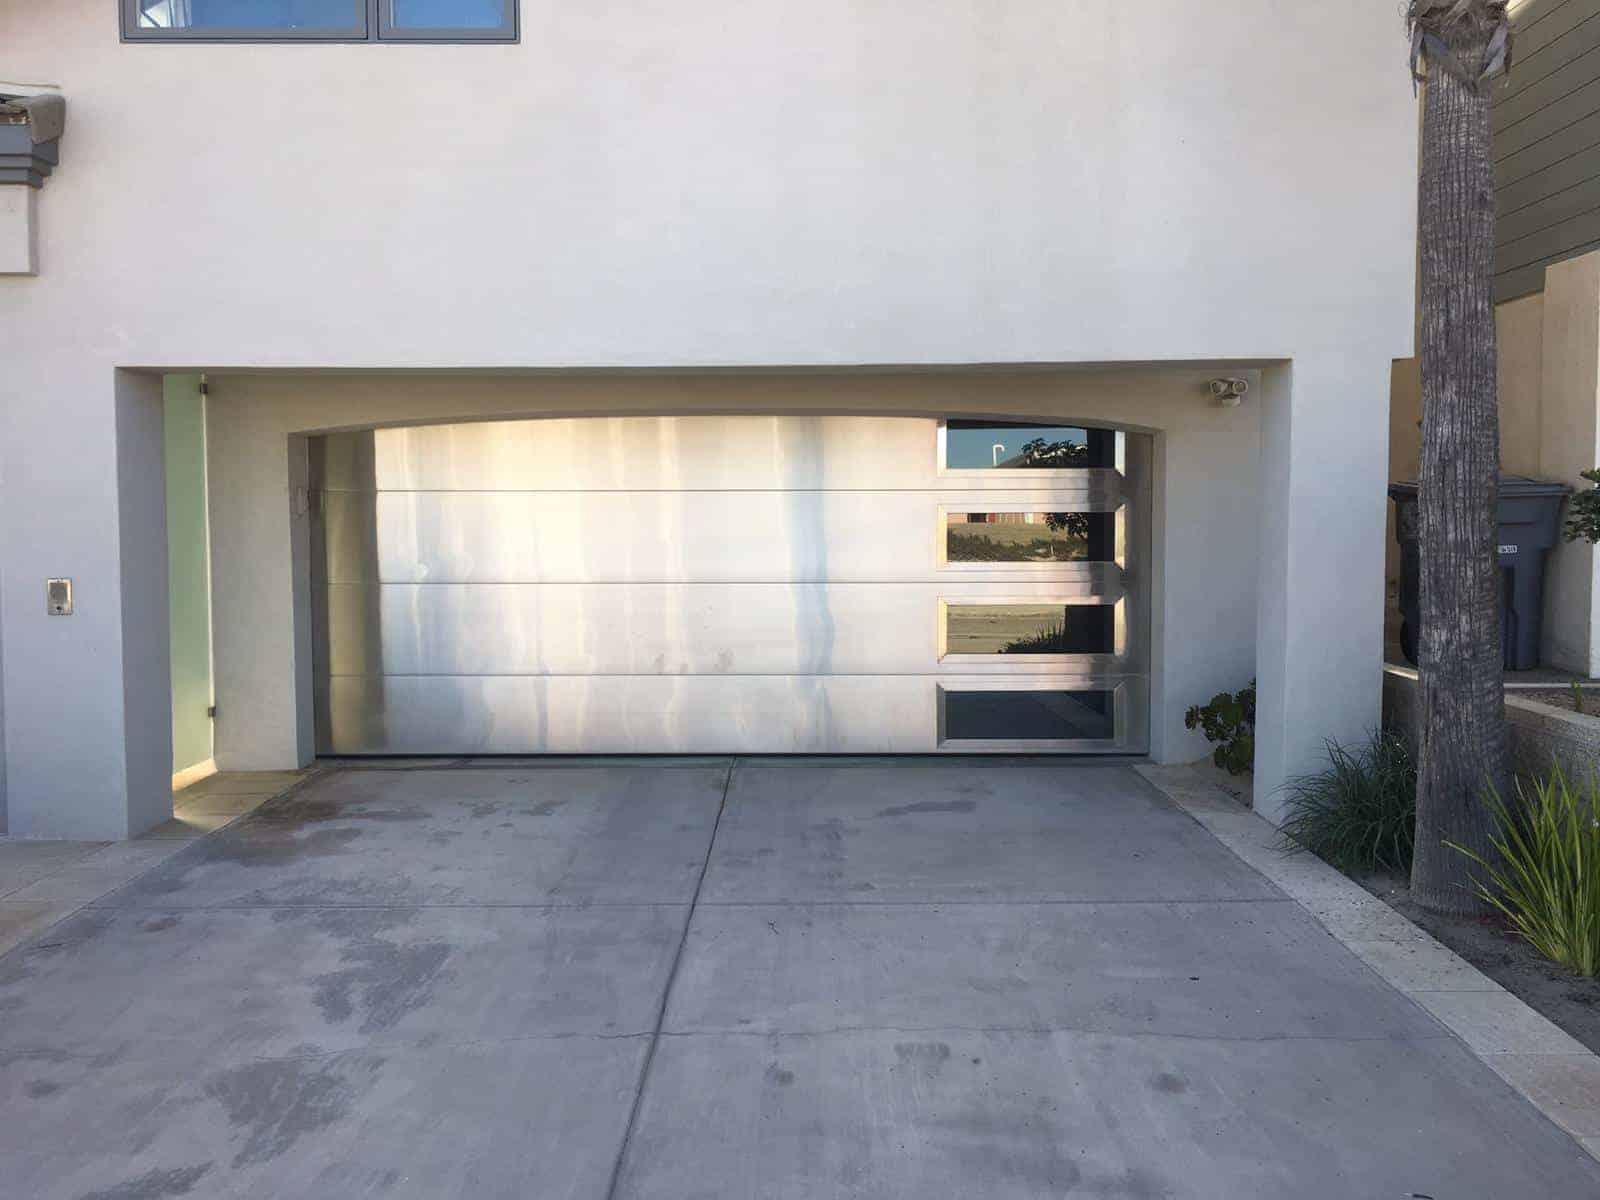 Garage Door Repair, Installation & Replacement in Alamitos